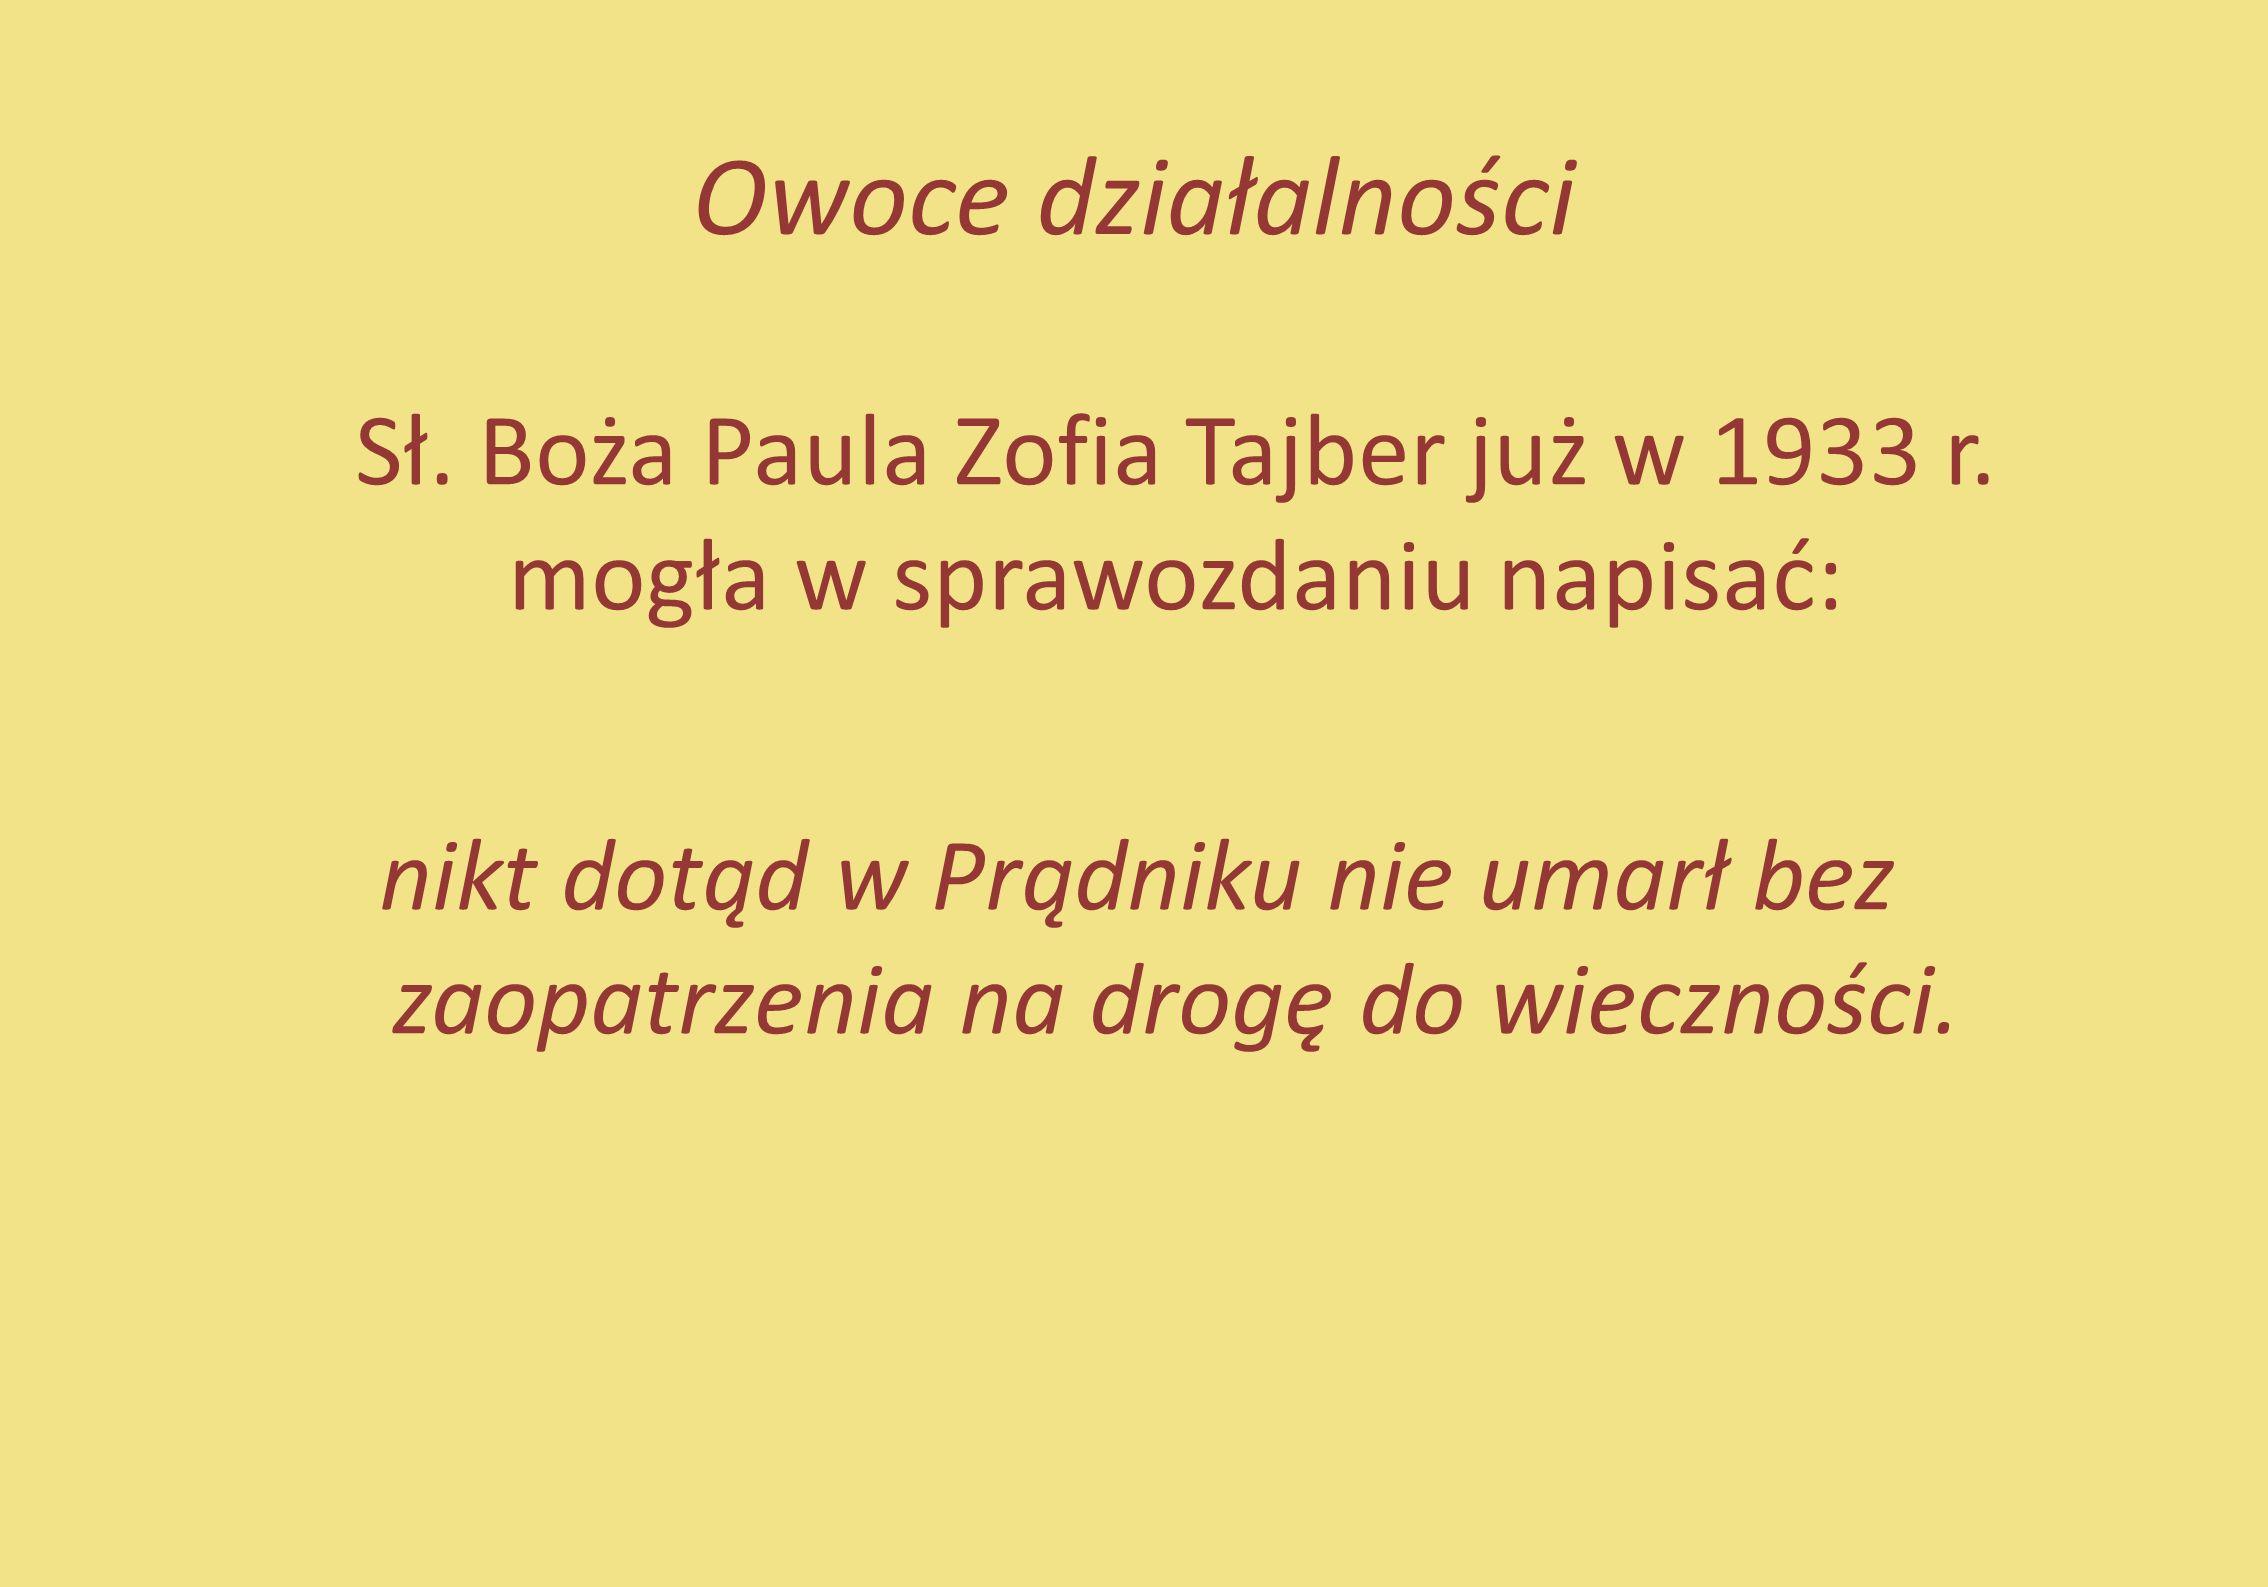 Owoce działalności Sł. Boża Paula Zofia Tajber już w 1933 r. mogła w sprawozdaniu napisać: nikt dotąd w Prądniku nie umarł bez zaopatrzenia na drogę d